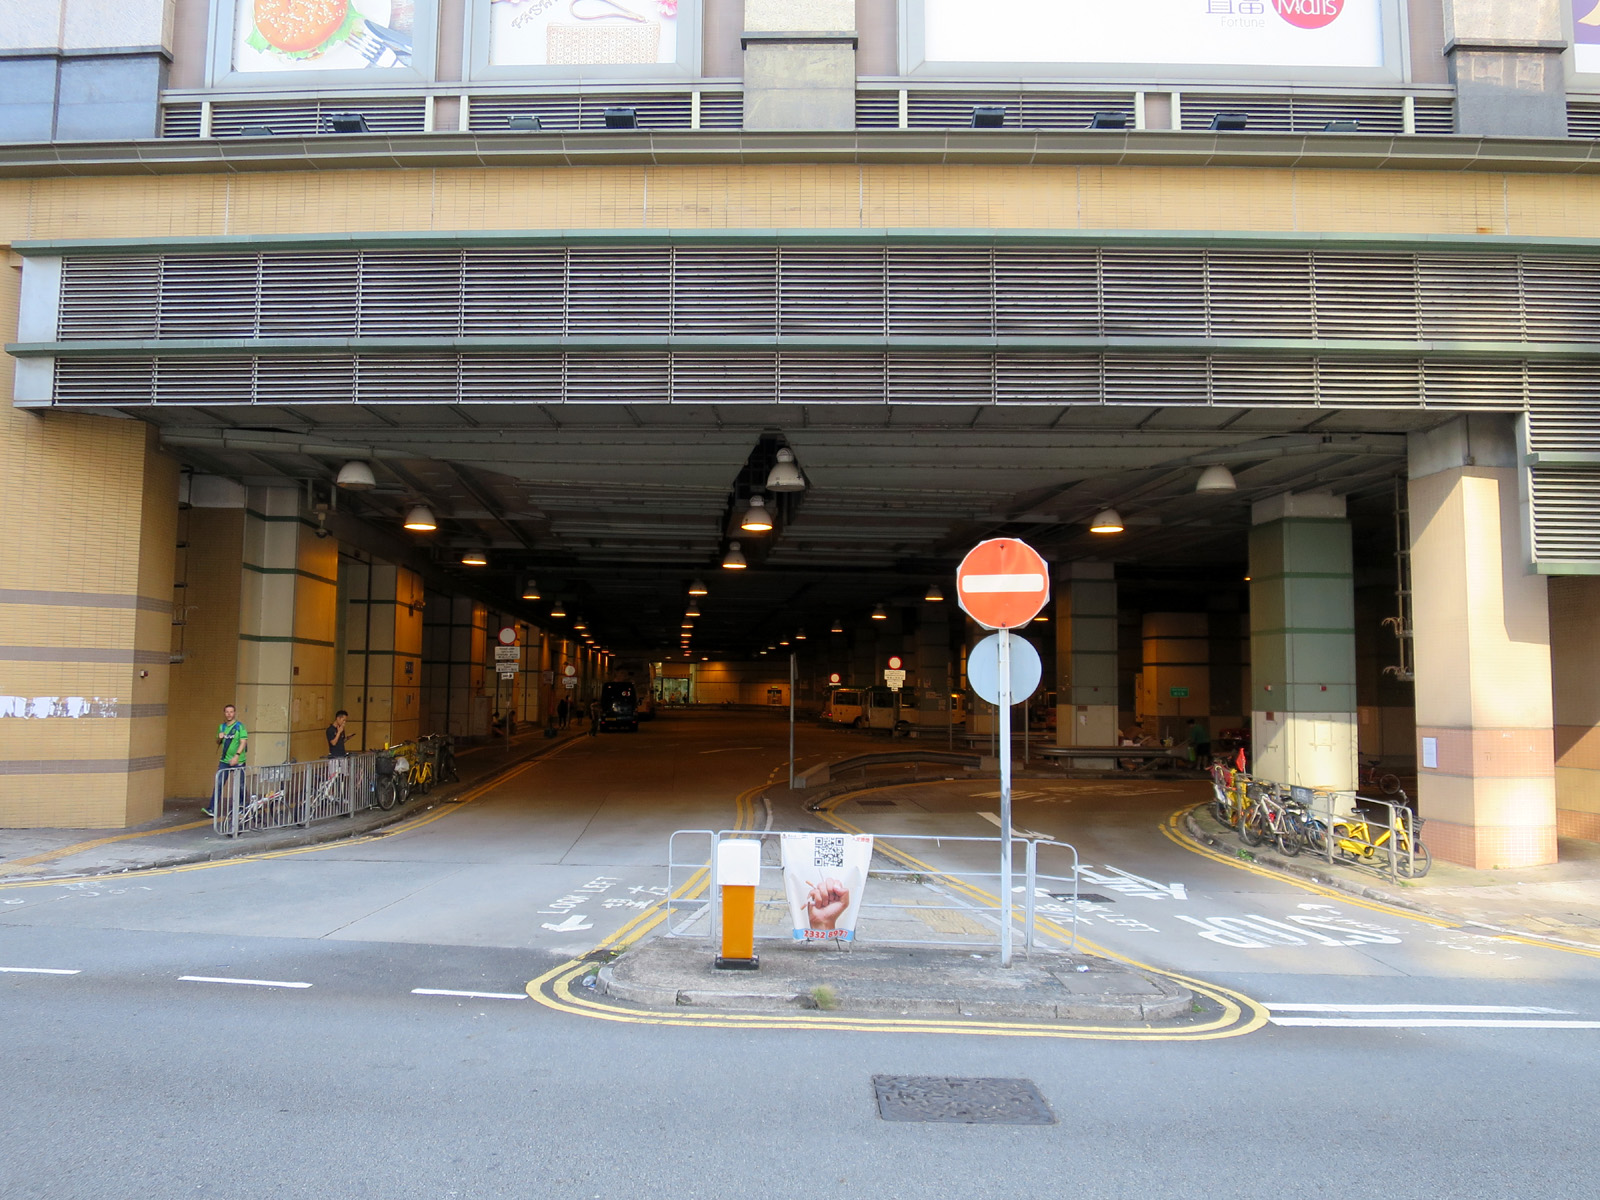 調景嶺站公共運輸交匯處